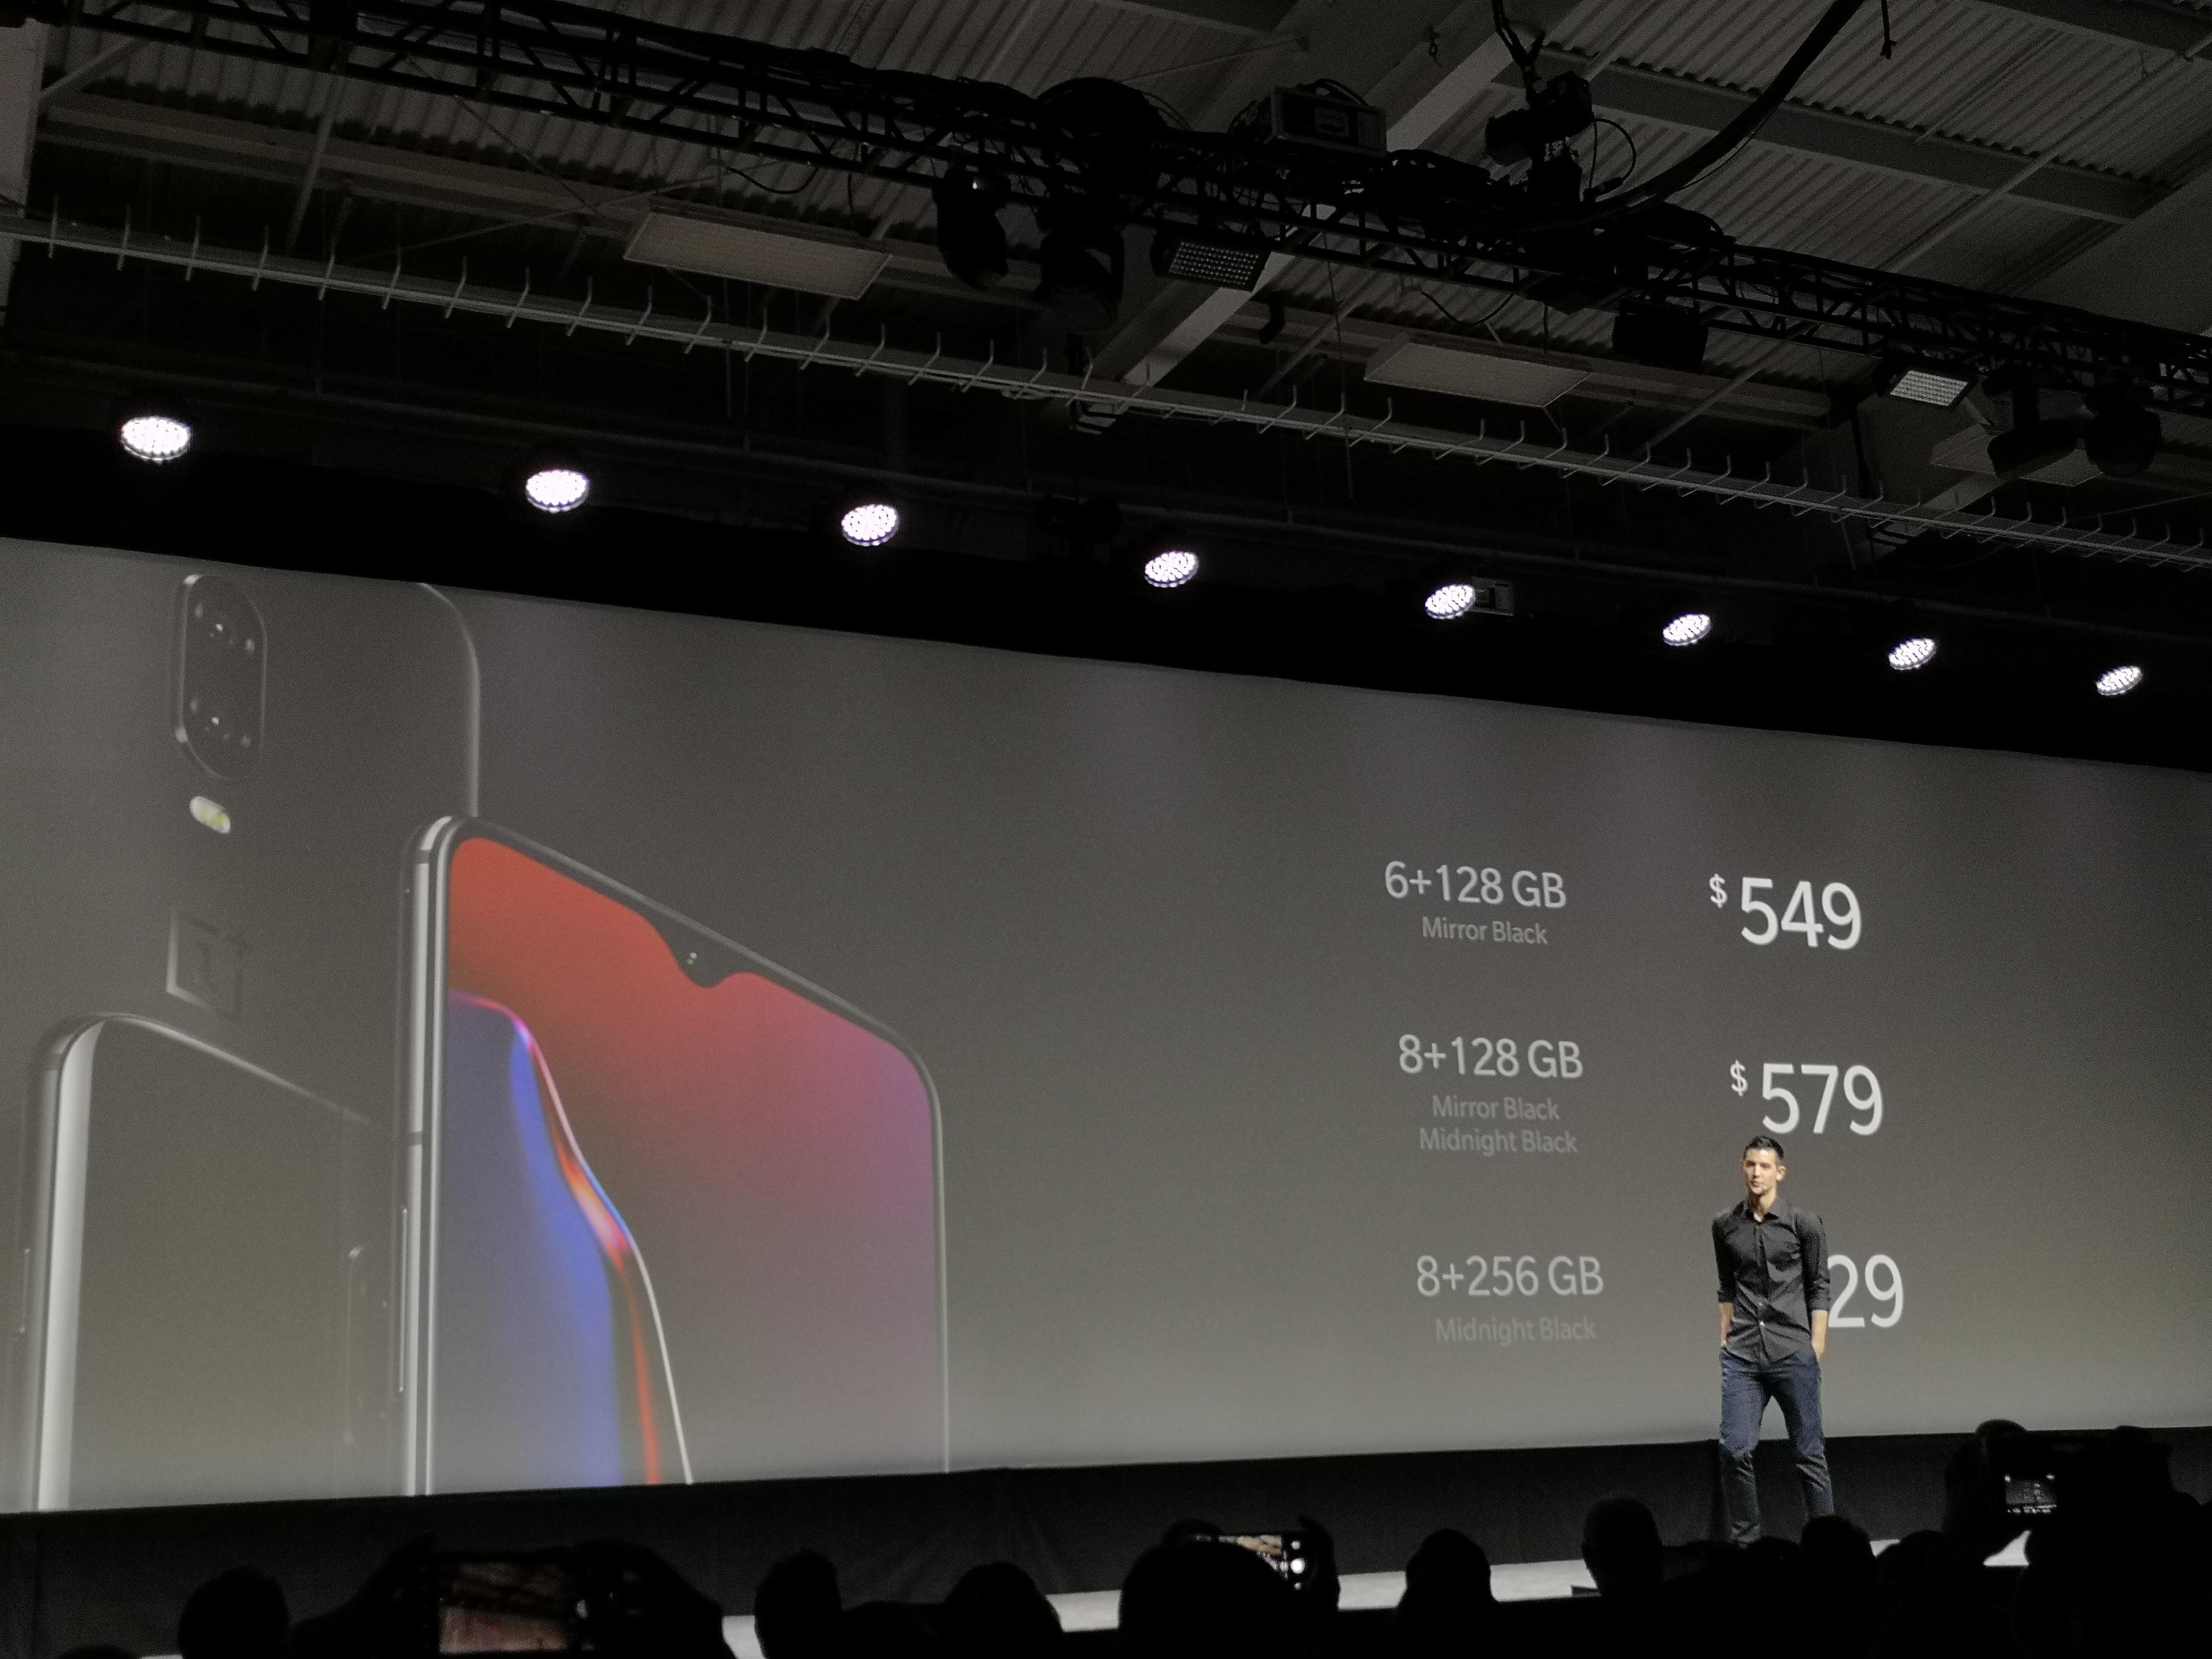 一加手机正式进军美国市场发布549美金起